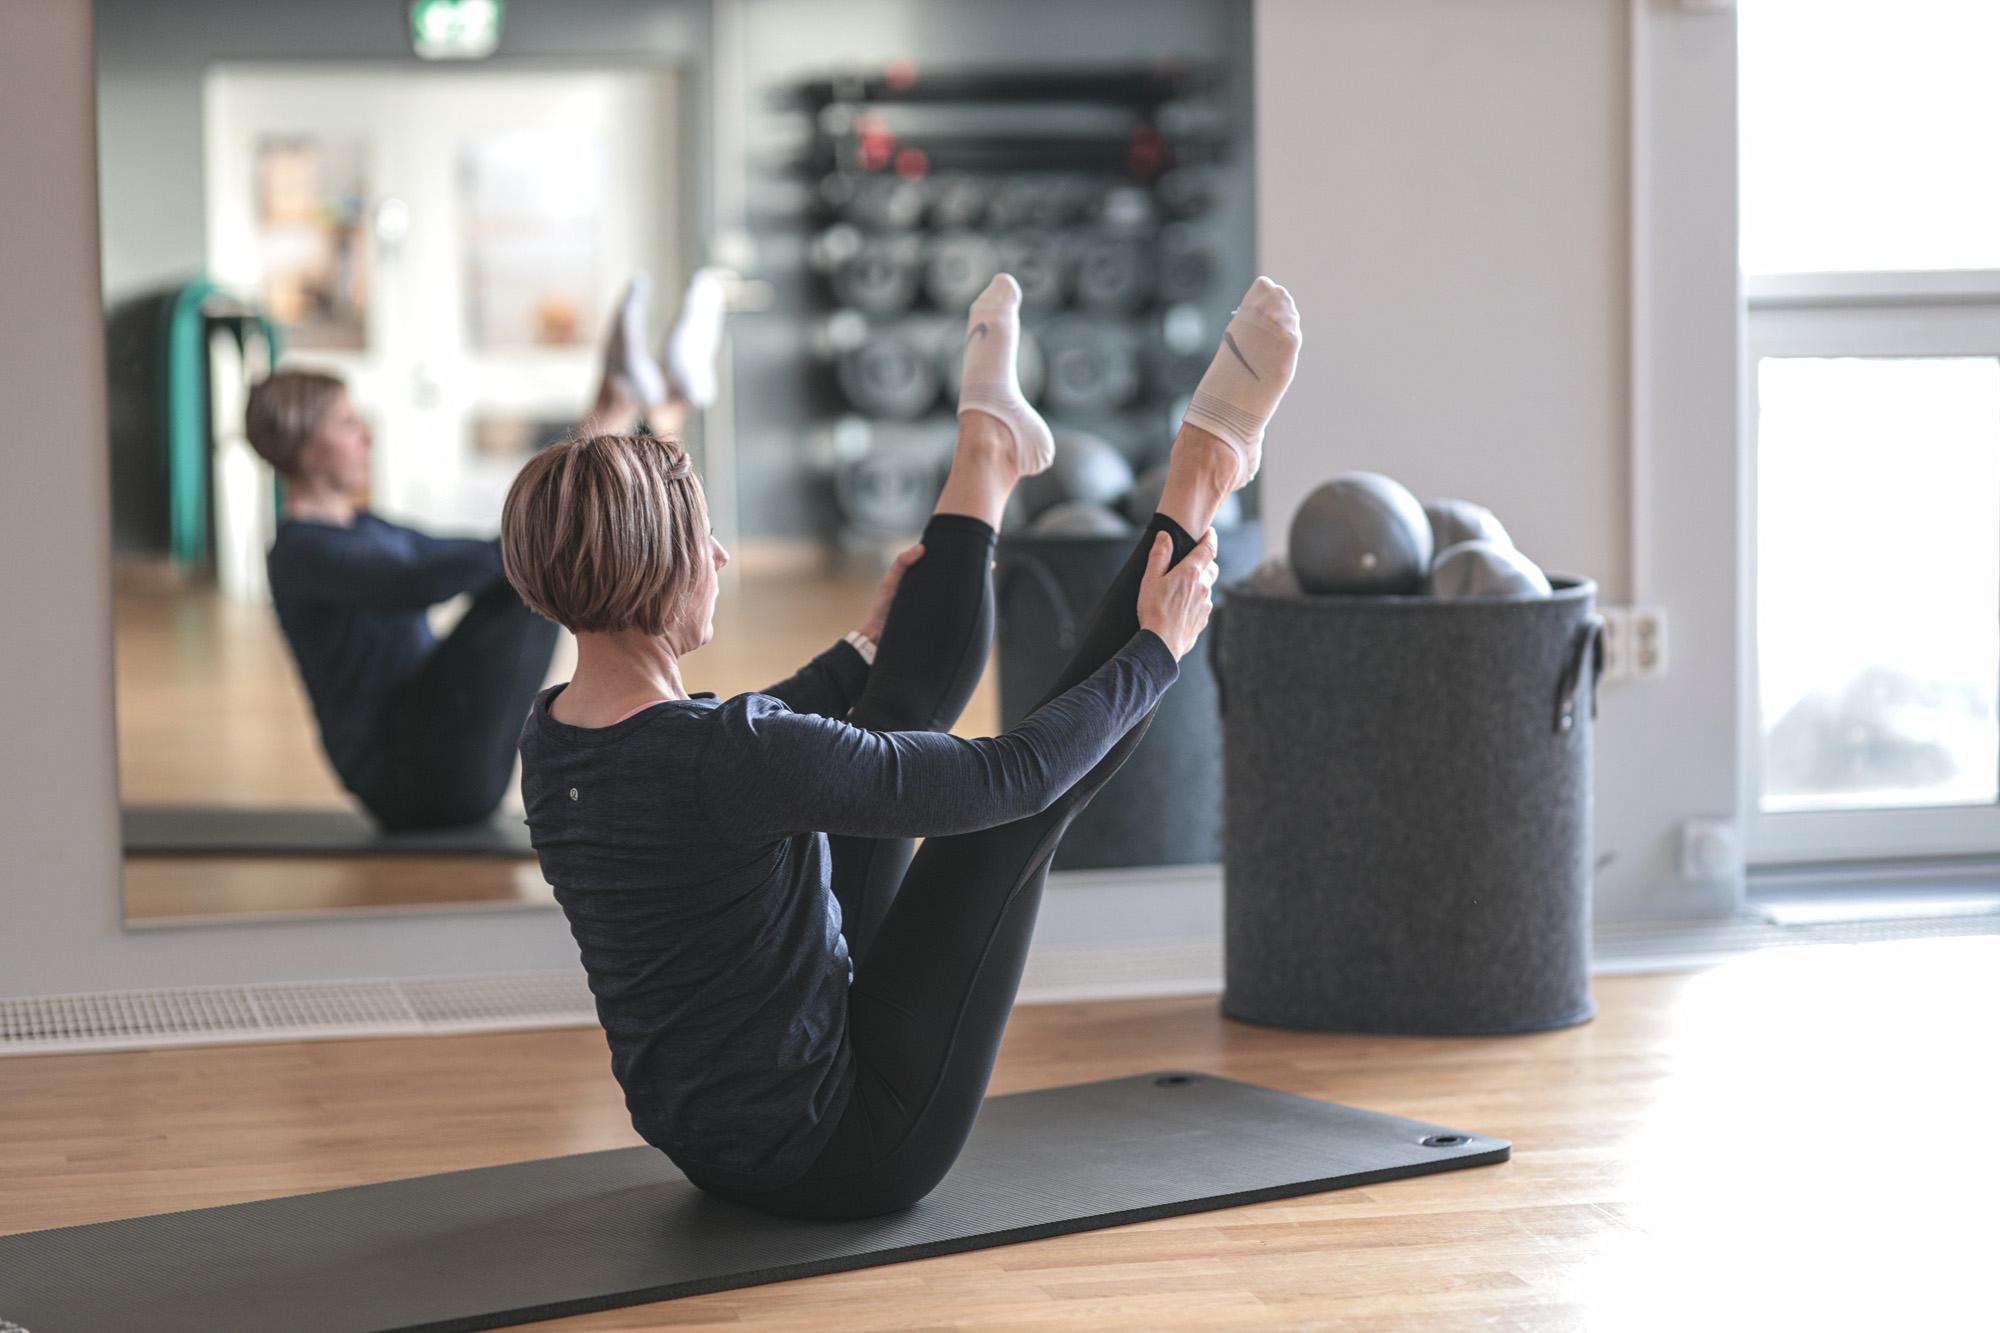 Kehon syviä lihaksia vahvistava kehonhallintatekniikkatunti sopii kaiken ikäisille ja kuntoisille.